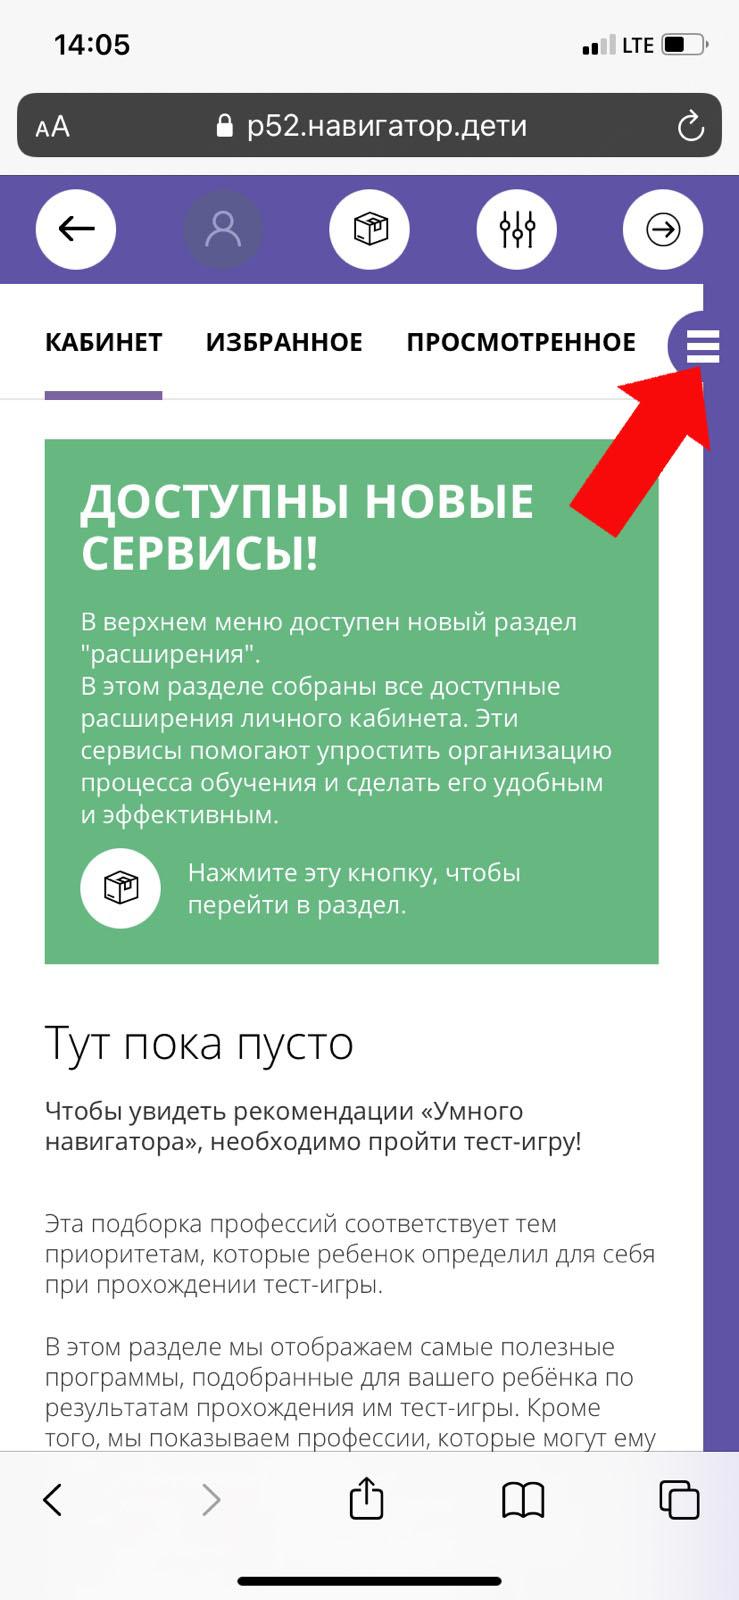 http://cdt-leninskii.ucoz.net/ART-DESIGN/shag_4.jpg